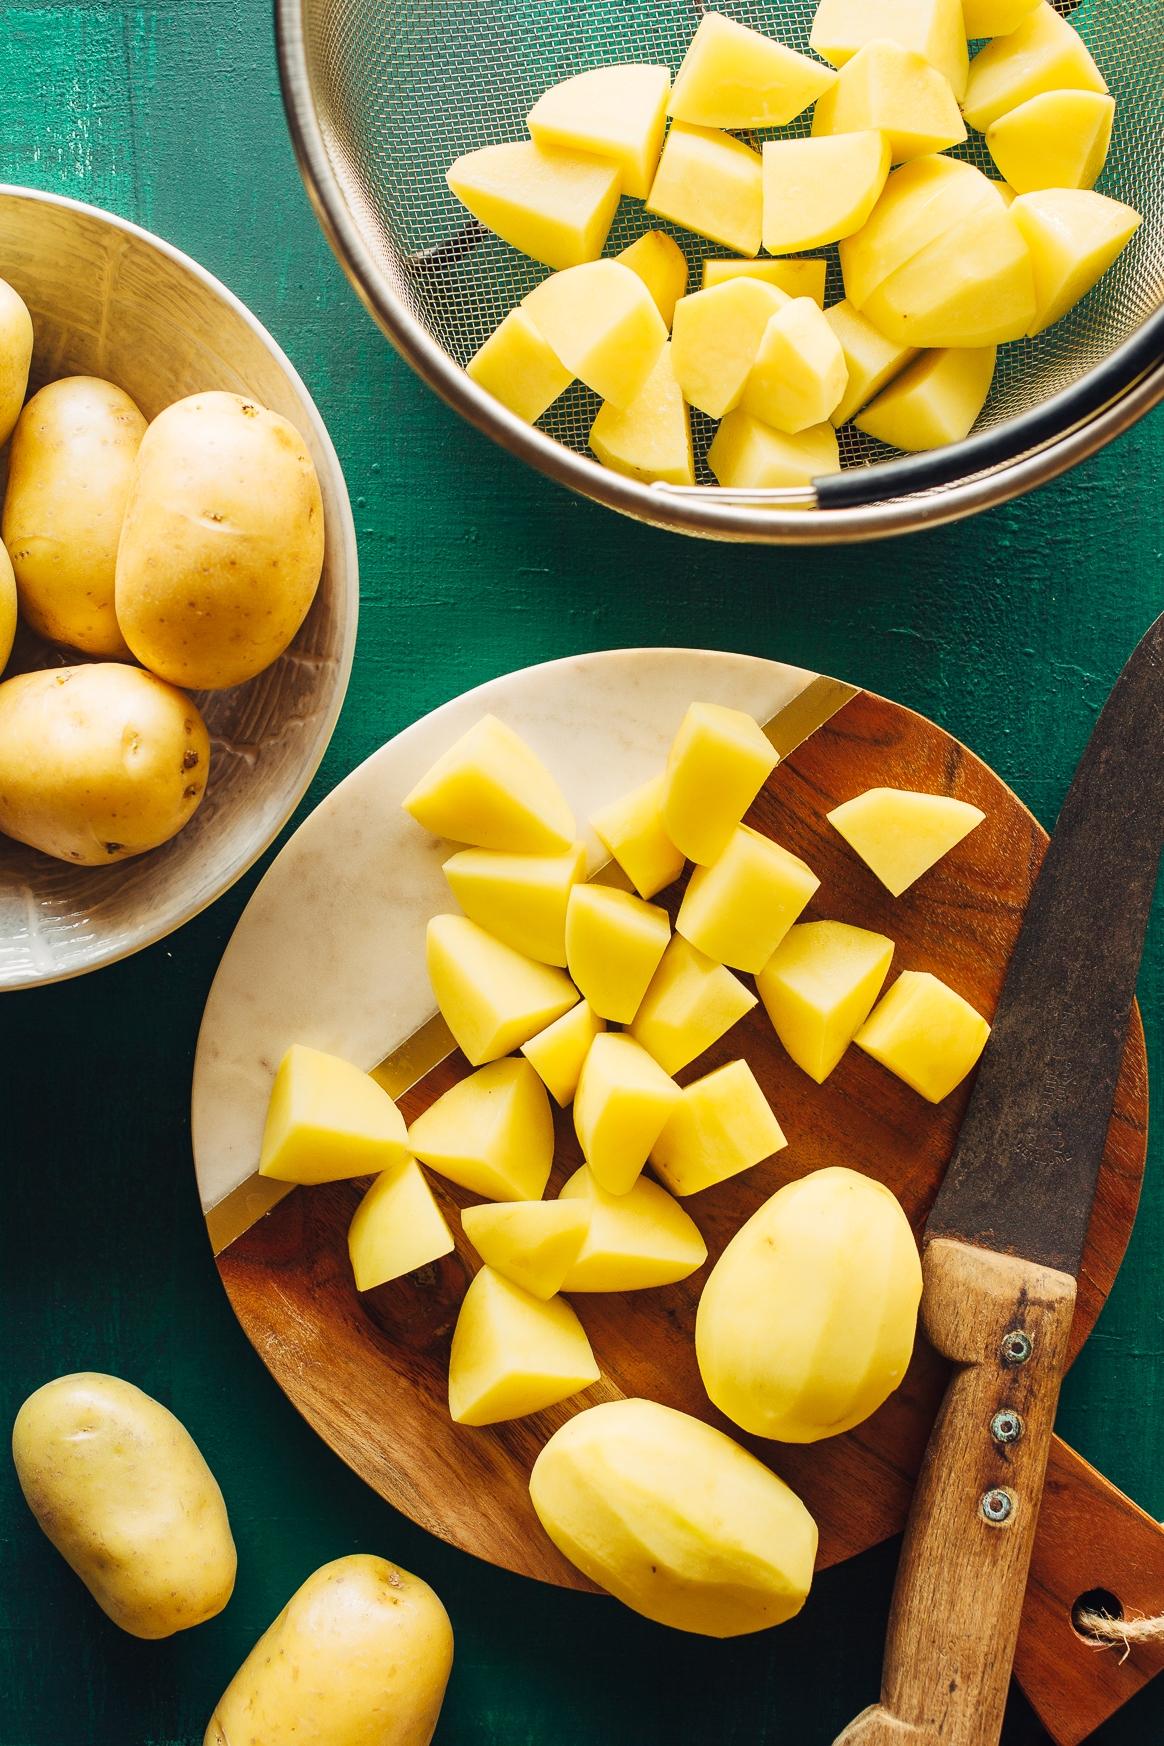 Chopped Yukon Gold Potatoes